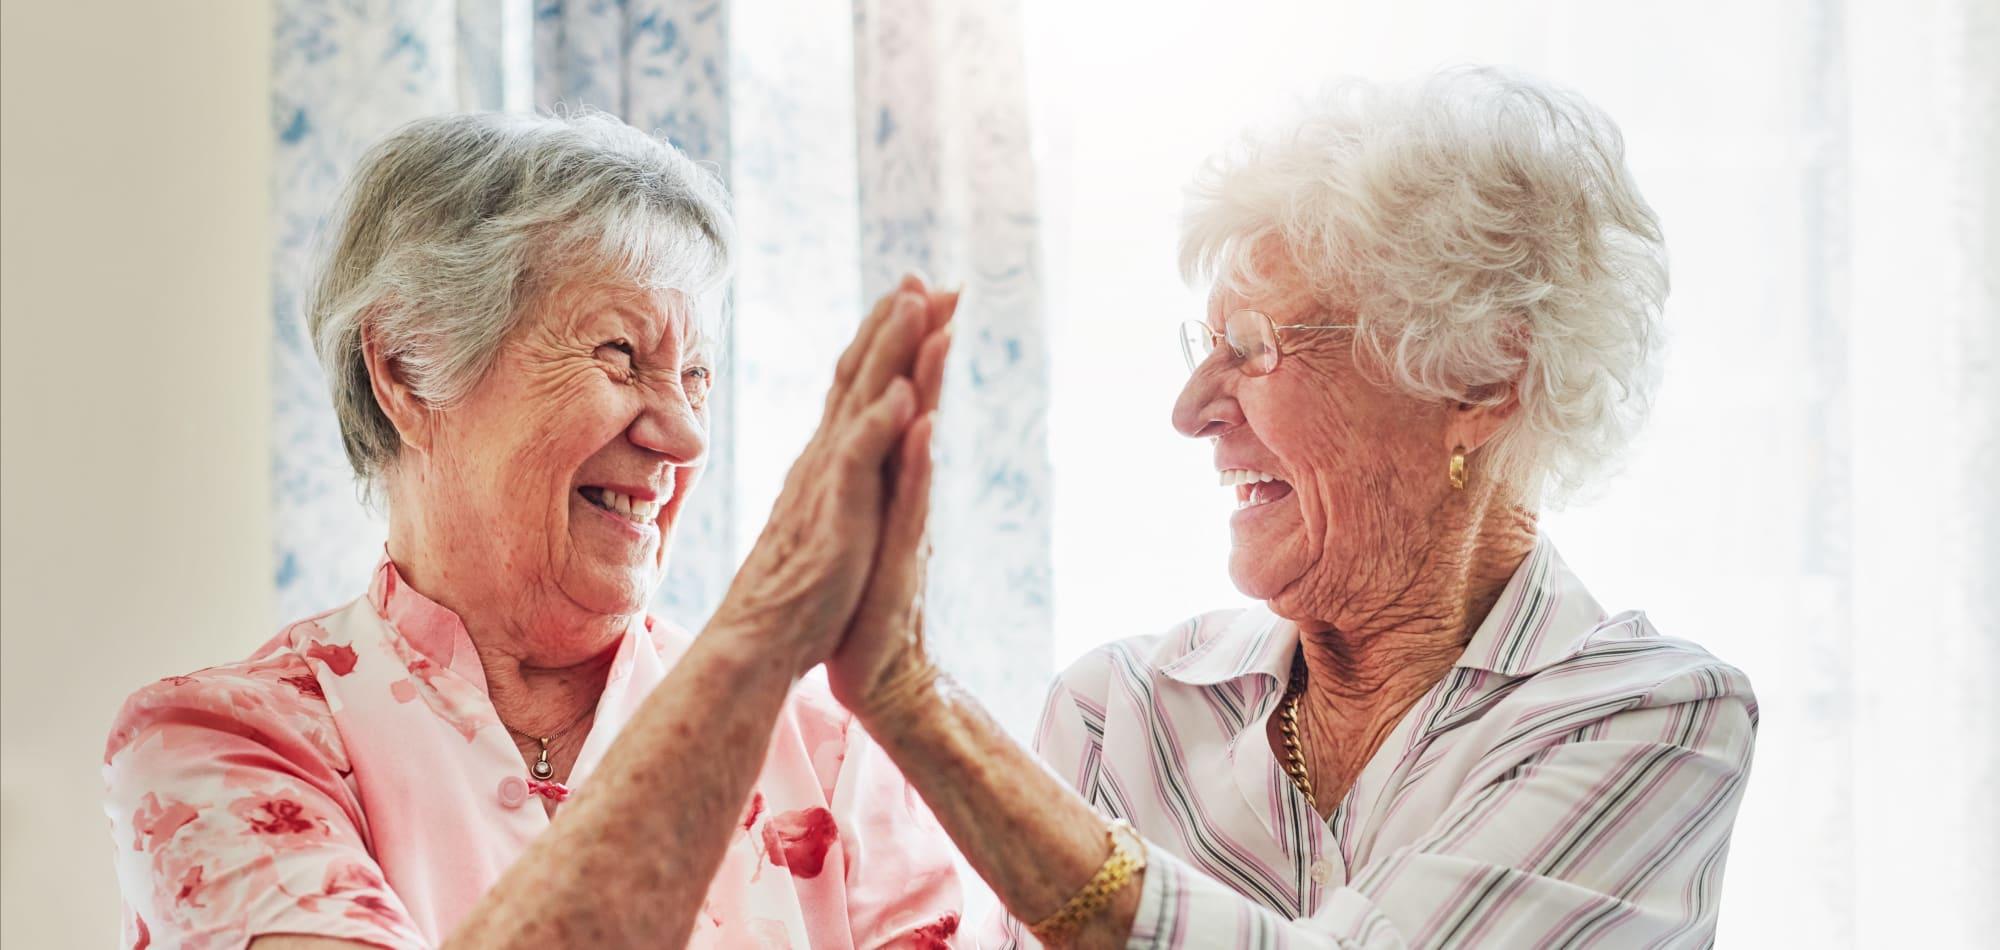 Respite care at Lawton Senior Living in Lawton, Iowa.